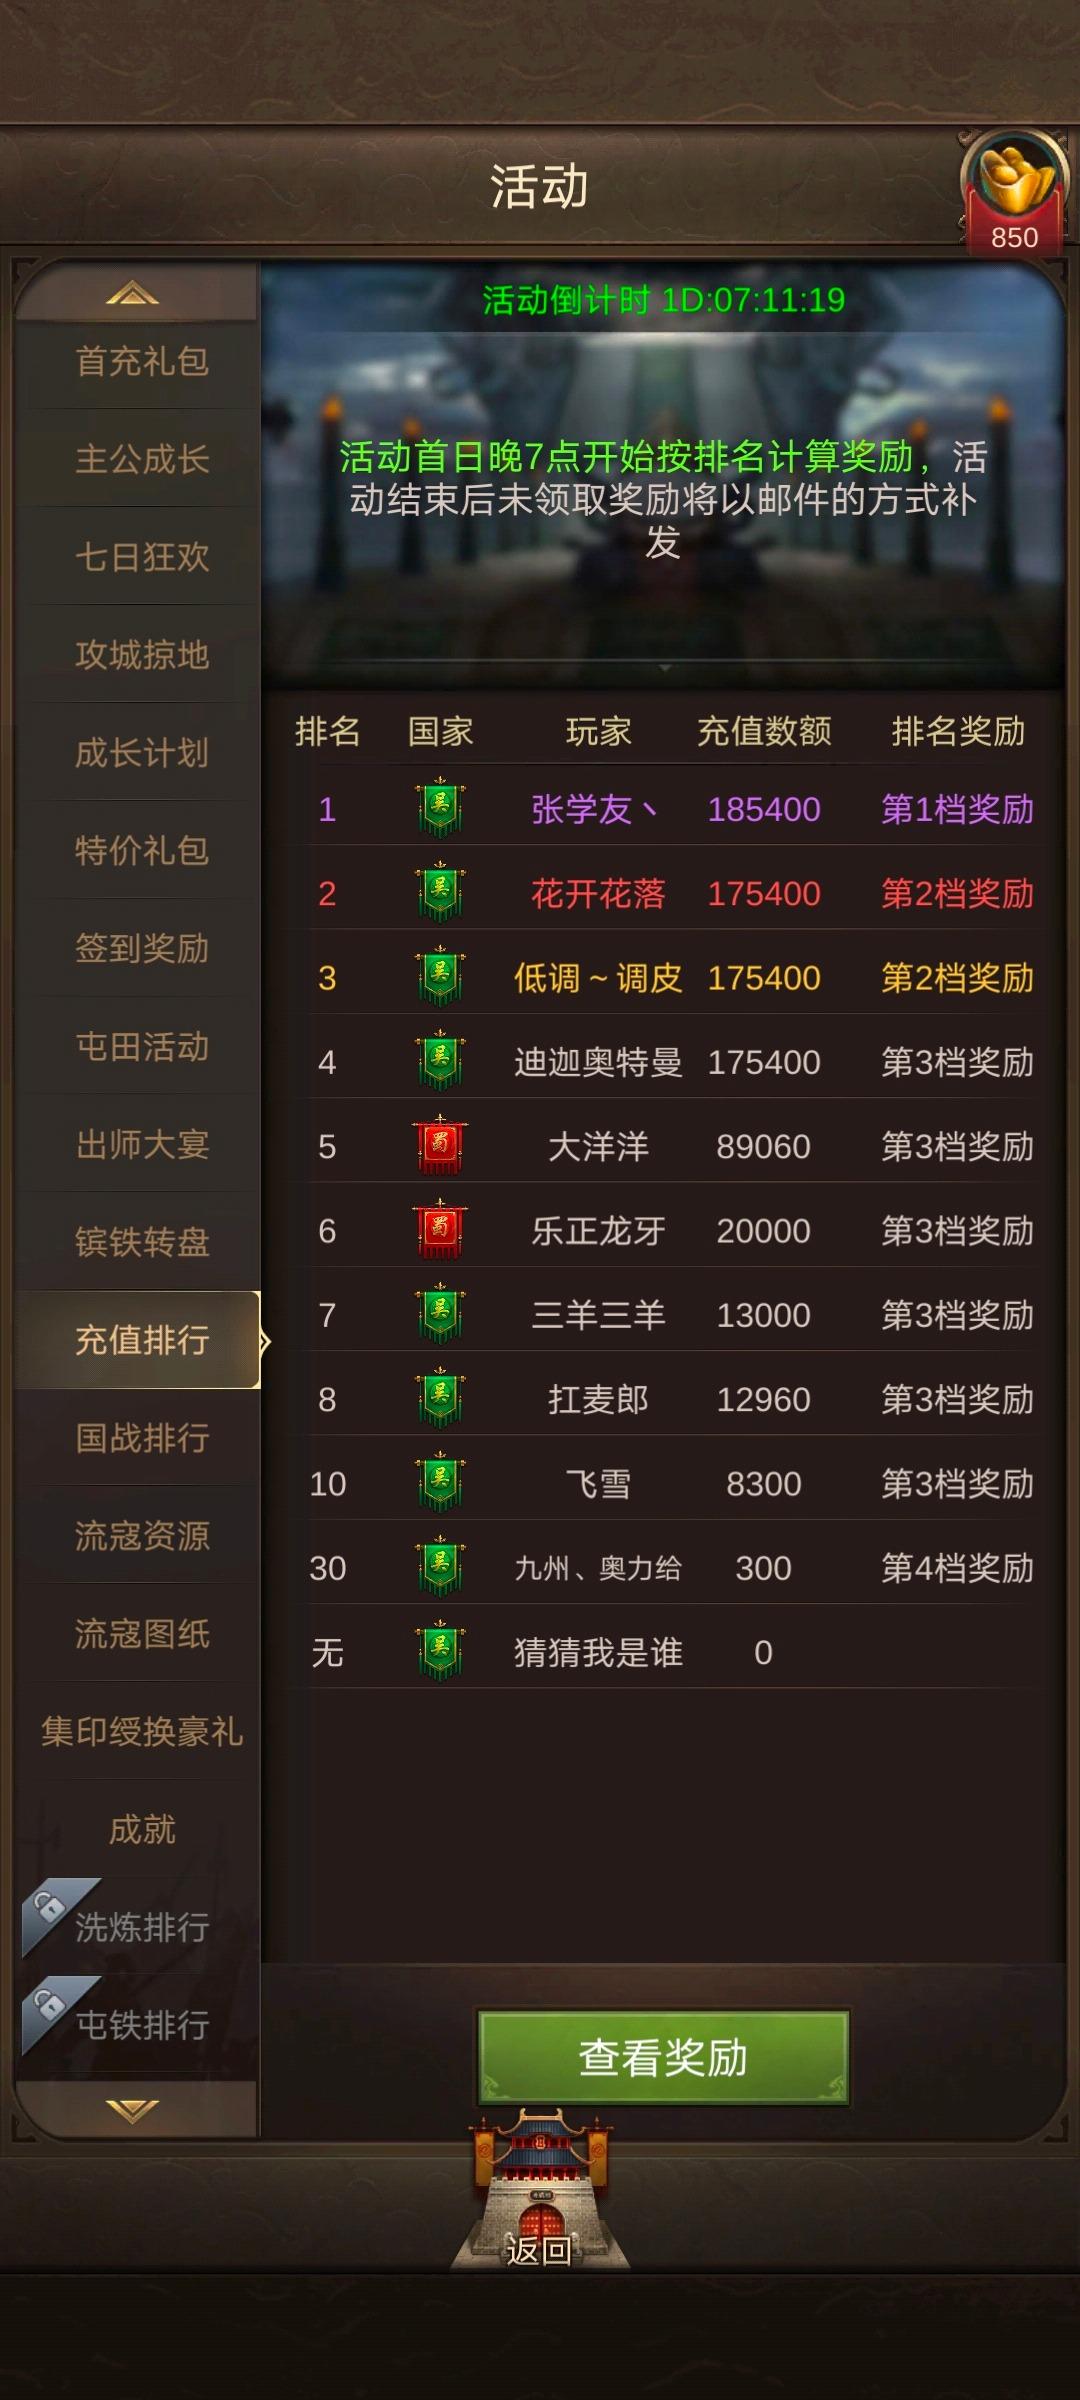 Screenshot_20210706_154842.jpg